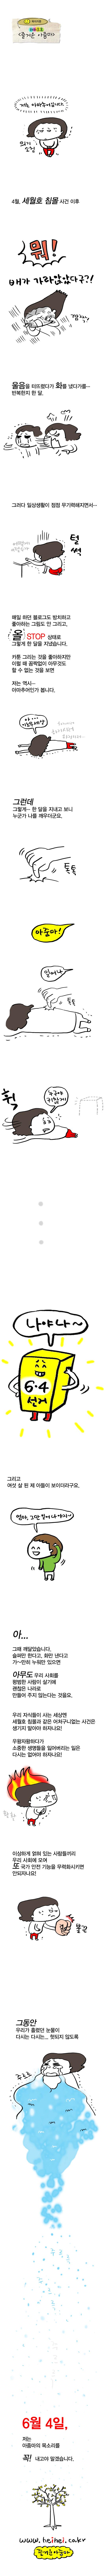 한겨레베이비트리세월호침몰72.jpg